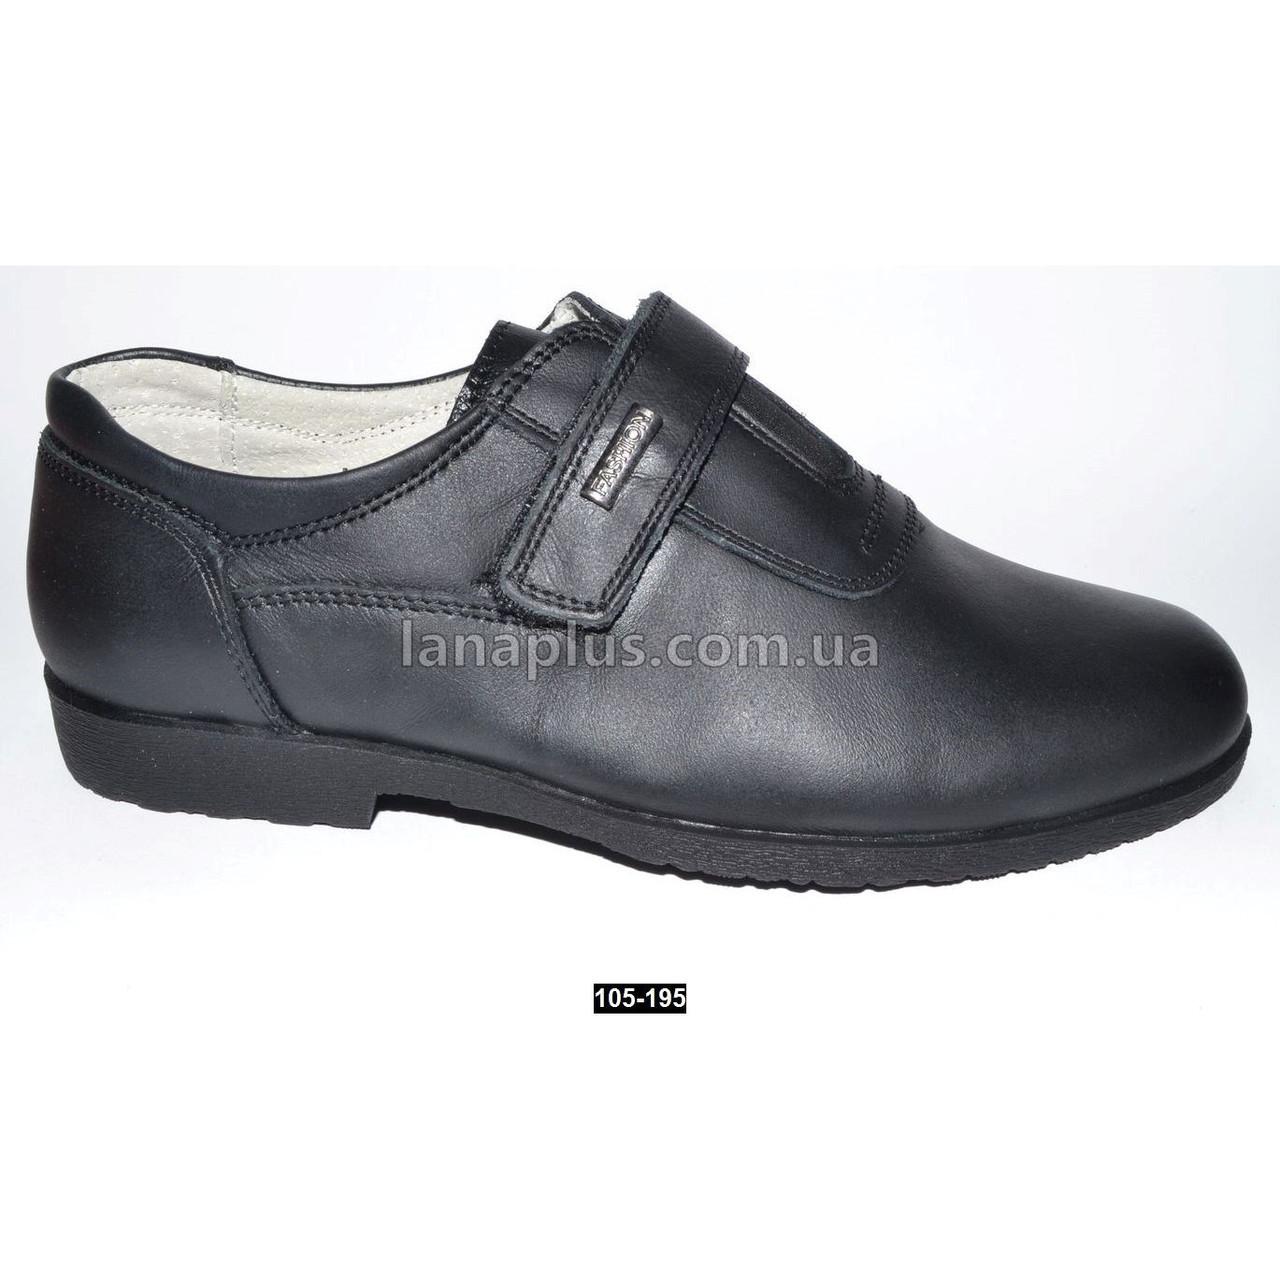 Школьные кожаные туфли для мальчика, 36 размер (23 см), кожаная стелька, супинатор